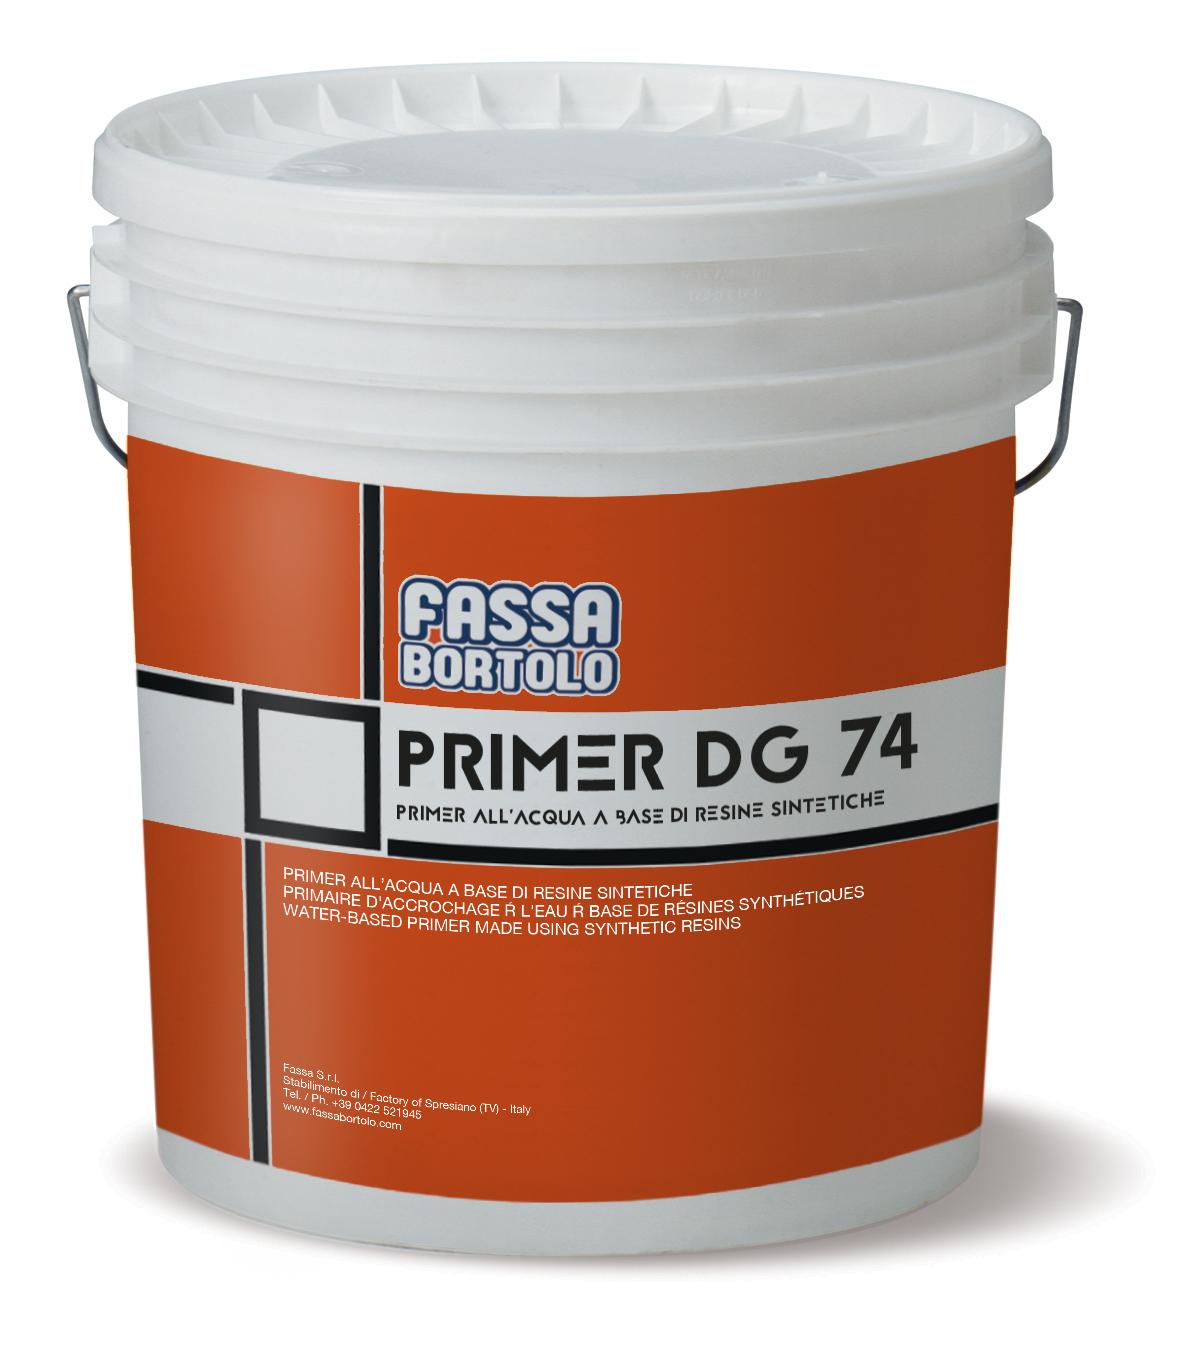 PRIMER DG 74: Primer all'acqua a base di resine sintetiche